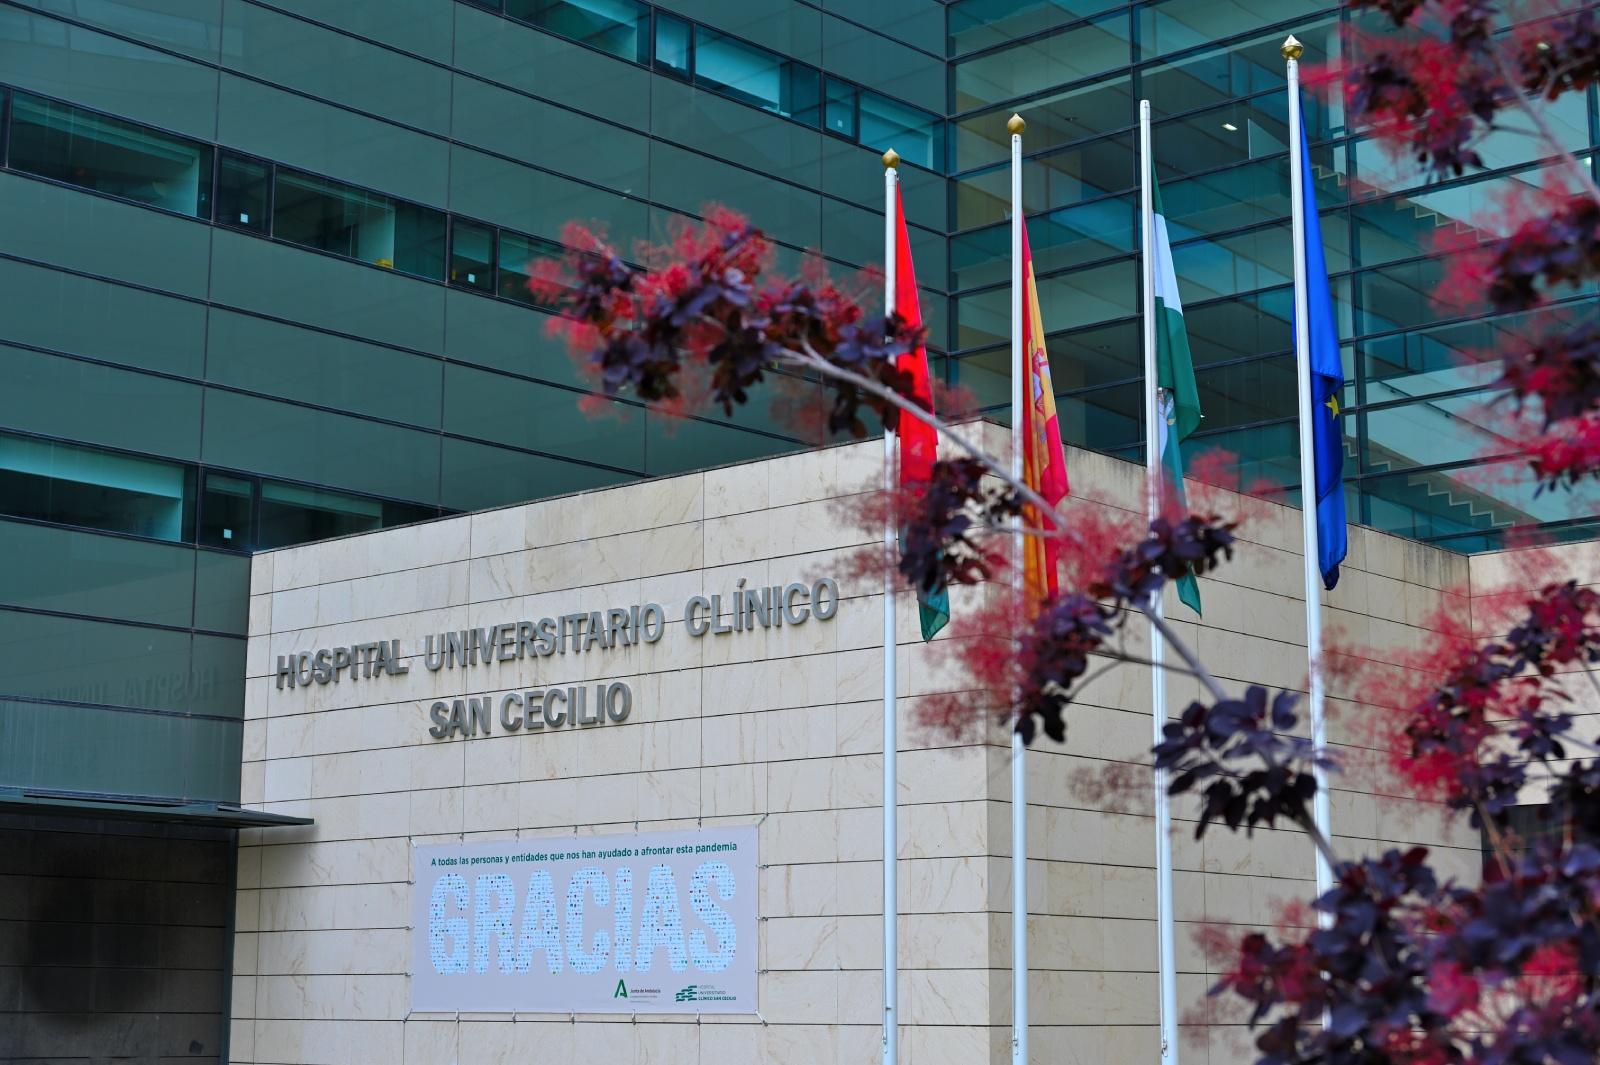 210628 Hospital Universitario Clínico San Cecilio